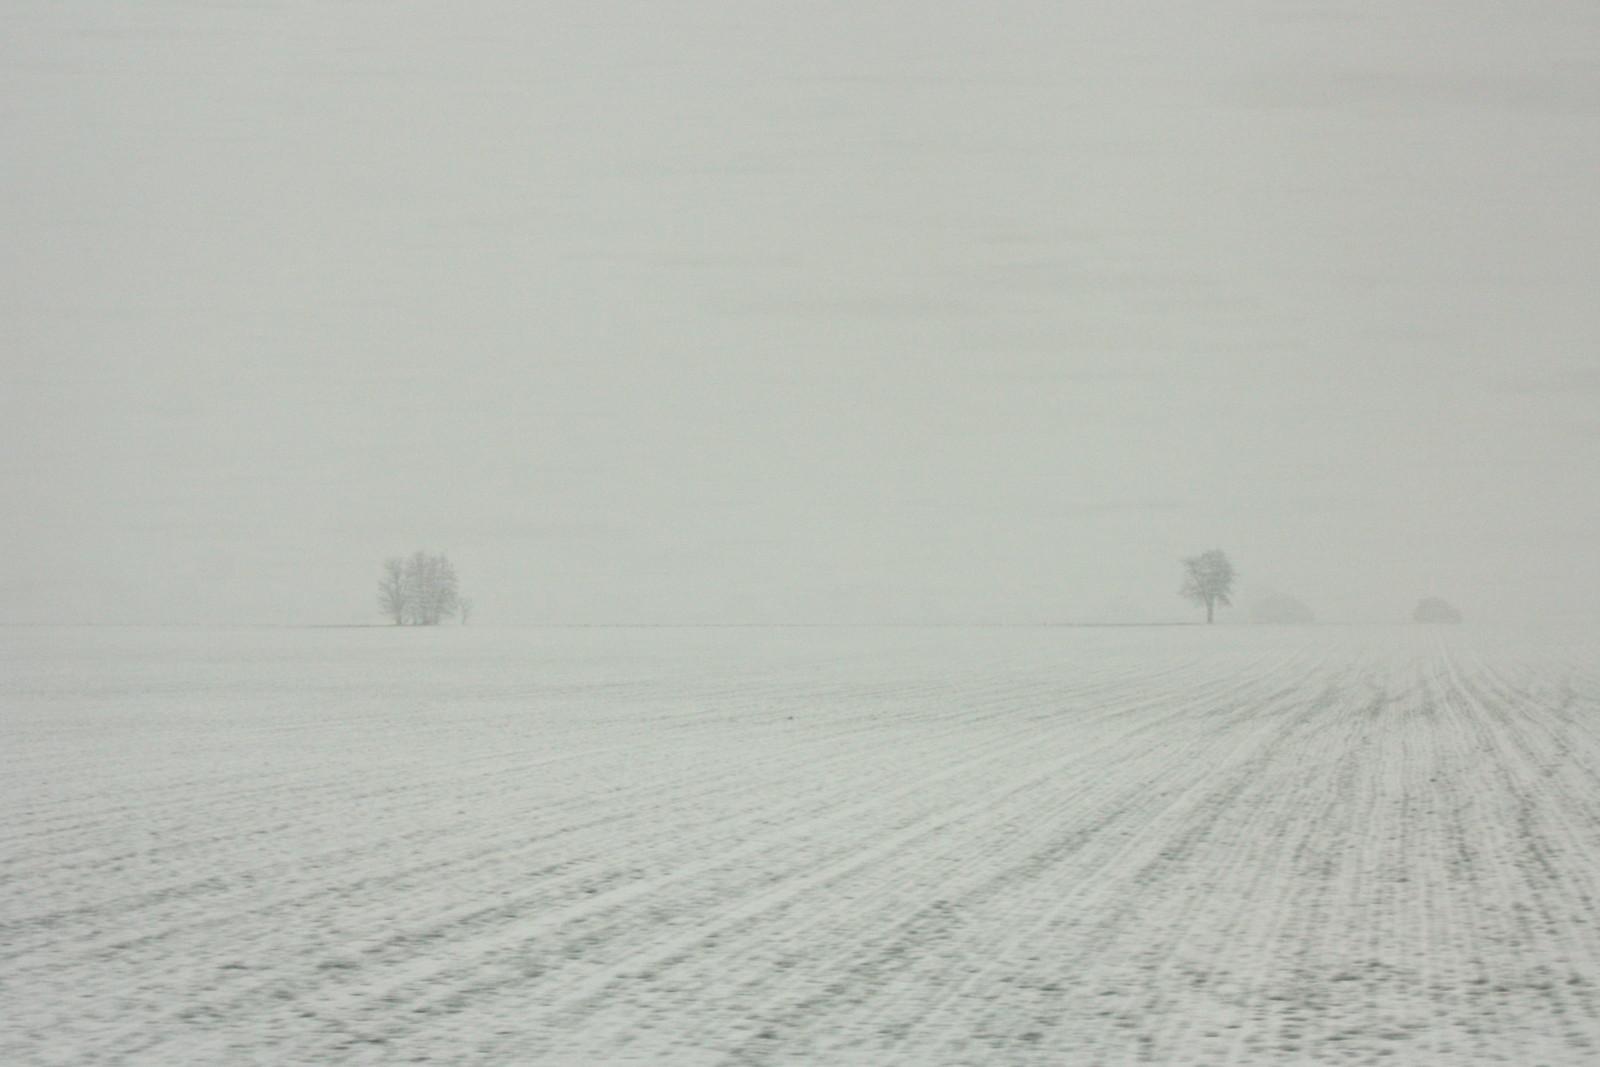 Snow in La Mancha, Spain